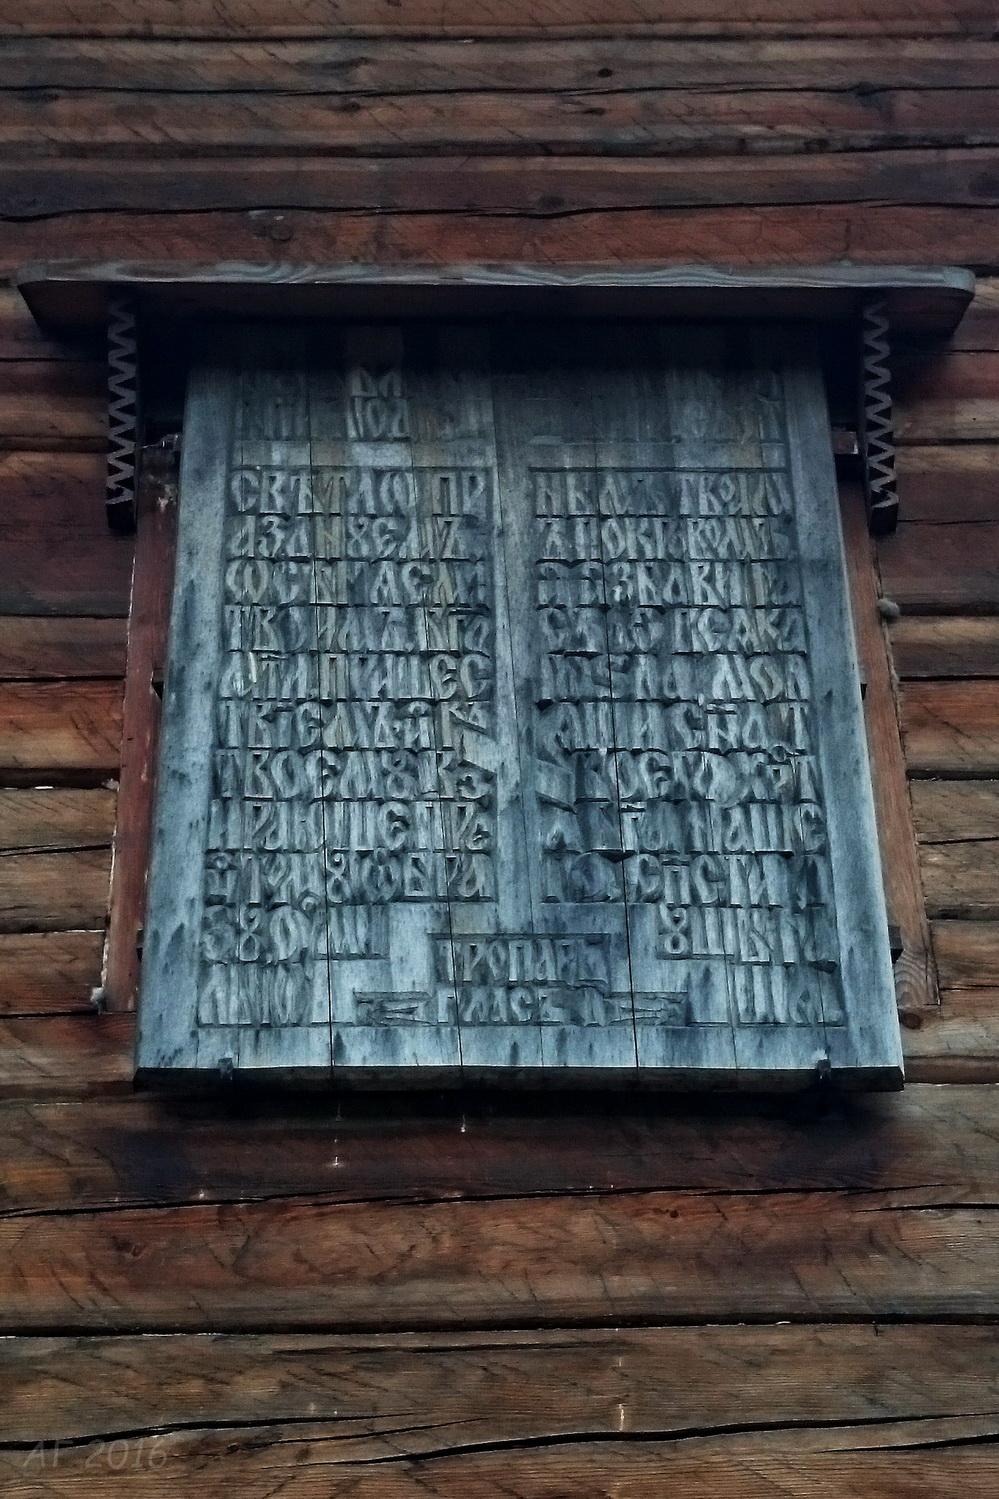 Покровская церковь  (2008 г.), Покровский погост, «Усадьба Богословка», Невский лесопарк, 09.06.2016